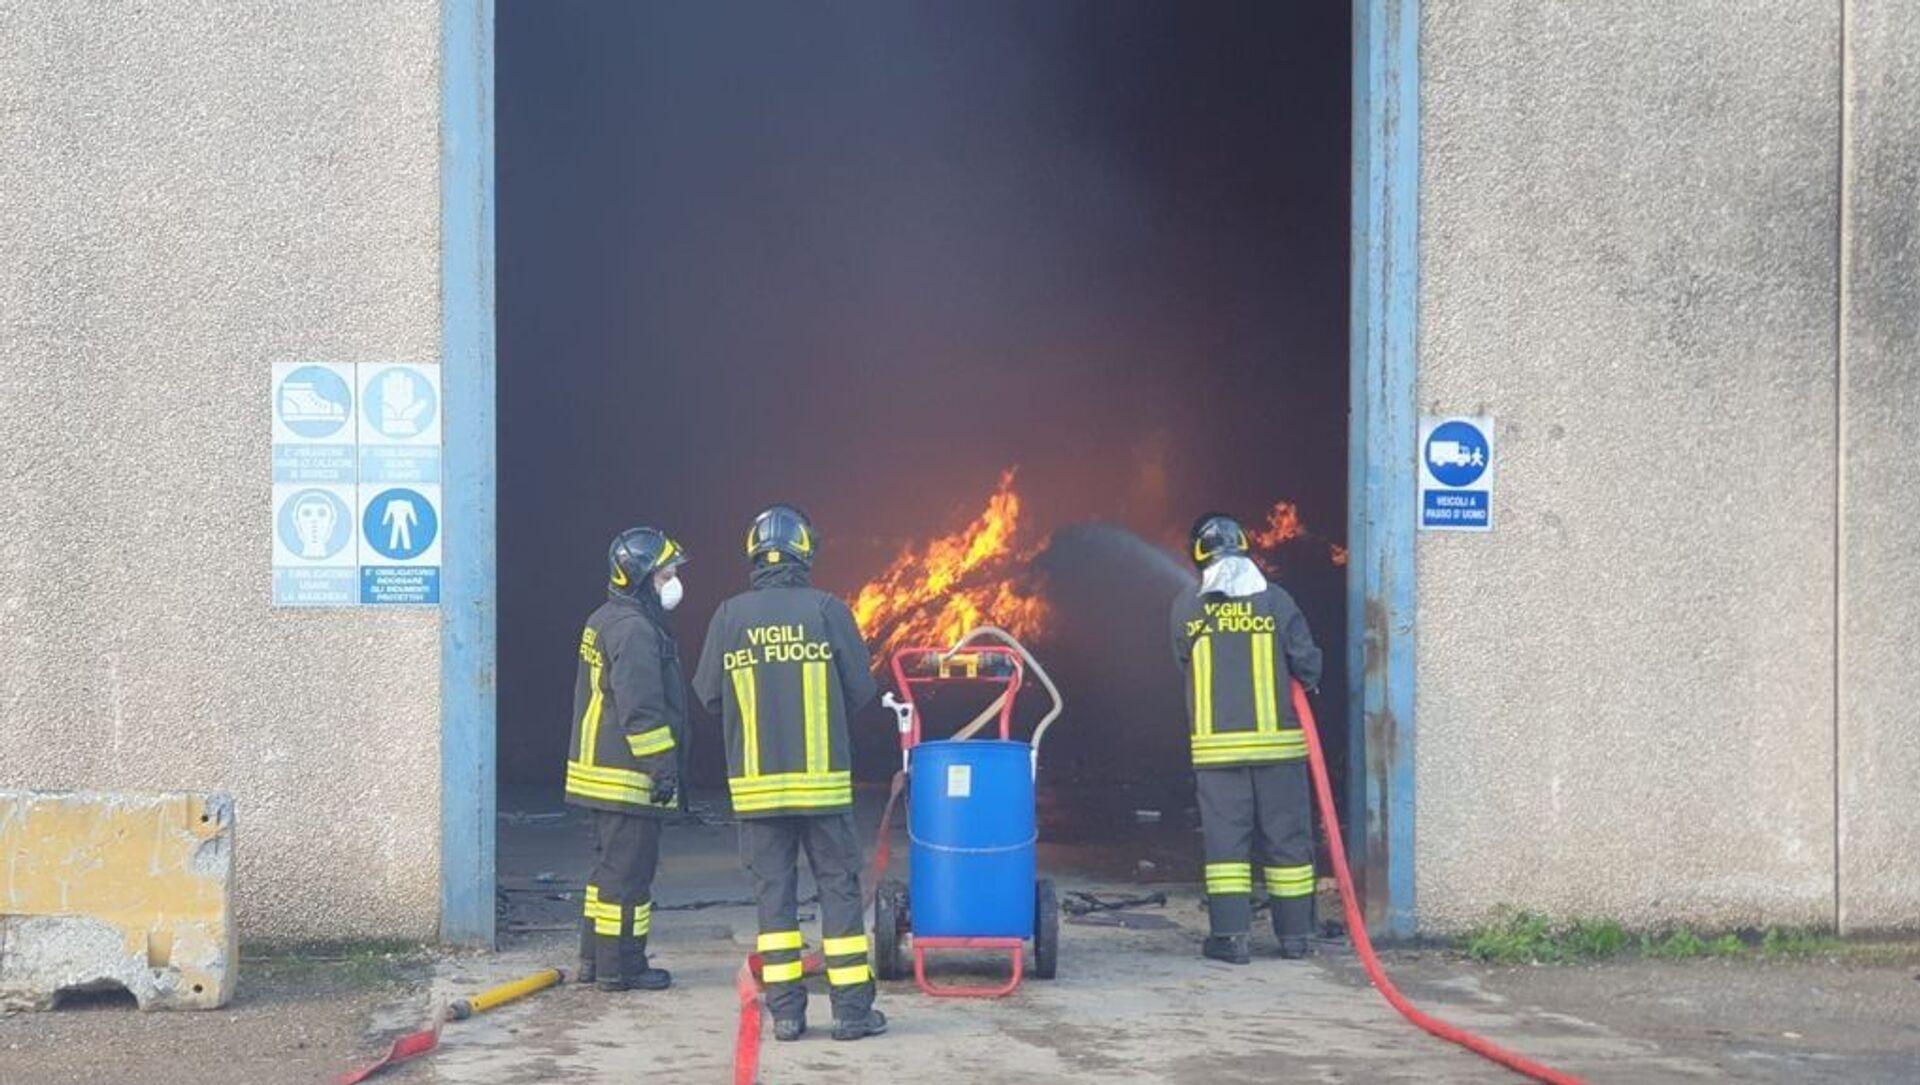 Vigili del Fuoco impegnati nello spegnimento di un incendio a Cecina, in un magazzino di stoccaggio rifiuti - Sputnik Italia, 1920, 10.02.2021